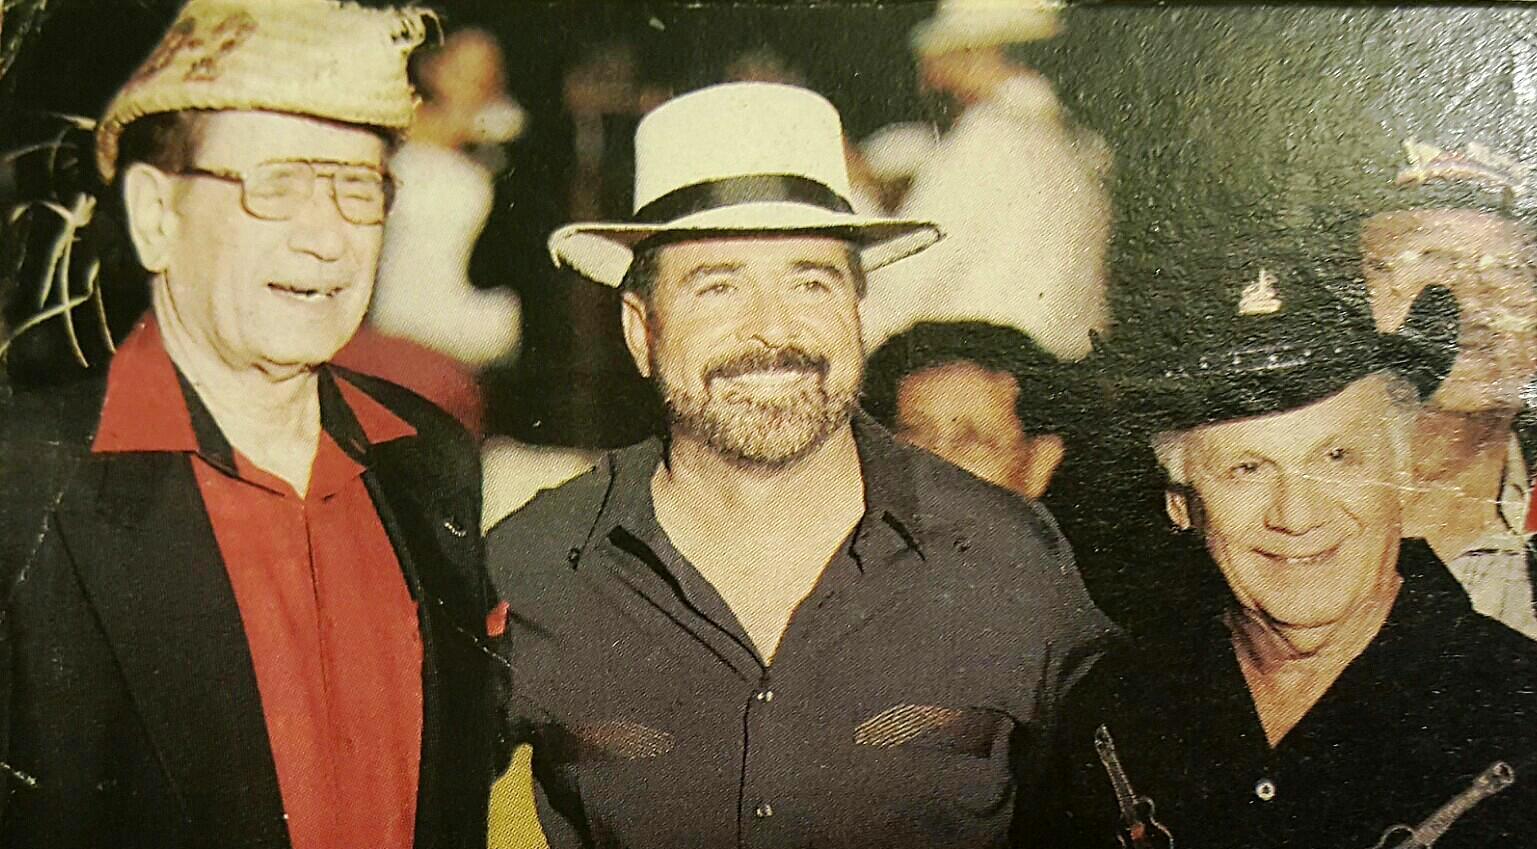 El comediante junto a Luisito Vigoreaux y don Joaquín Mouliert. (Foto suministrada)